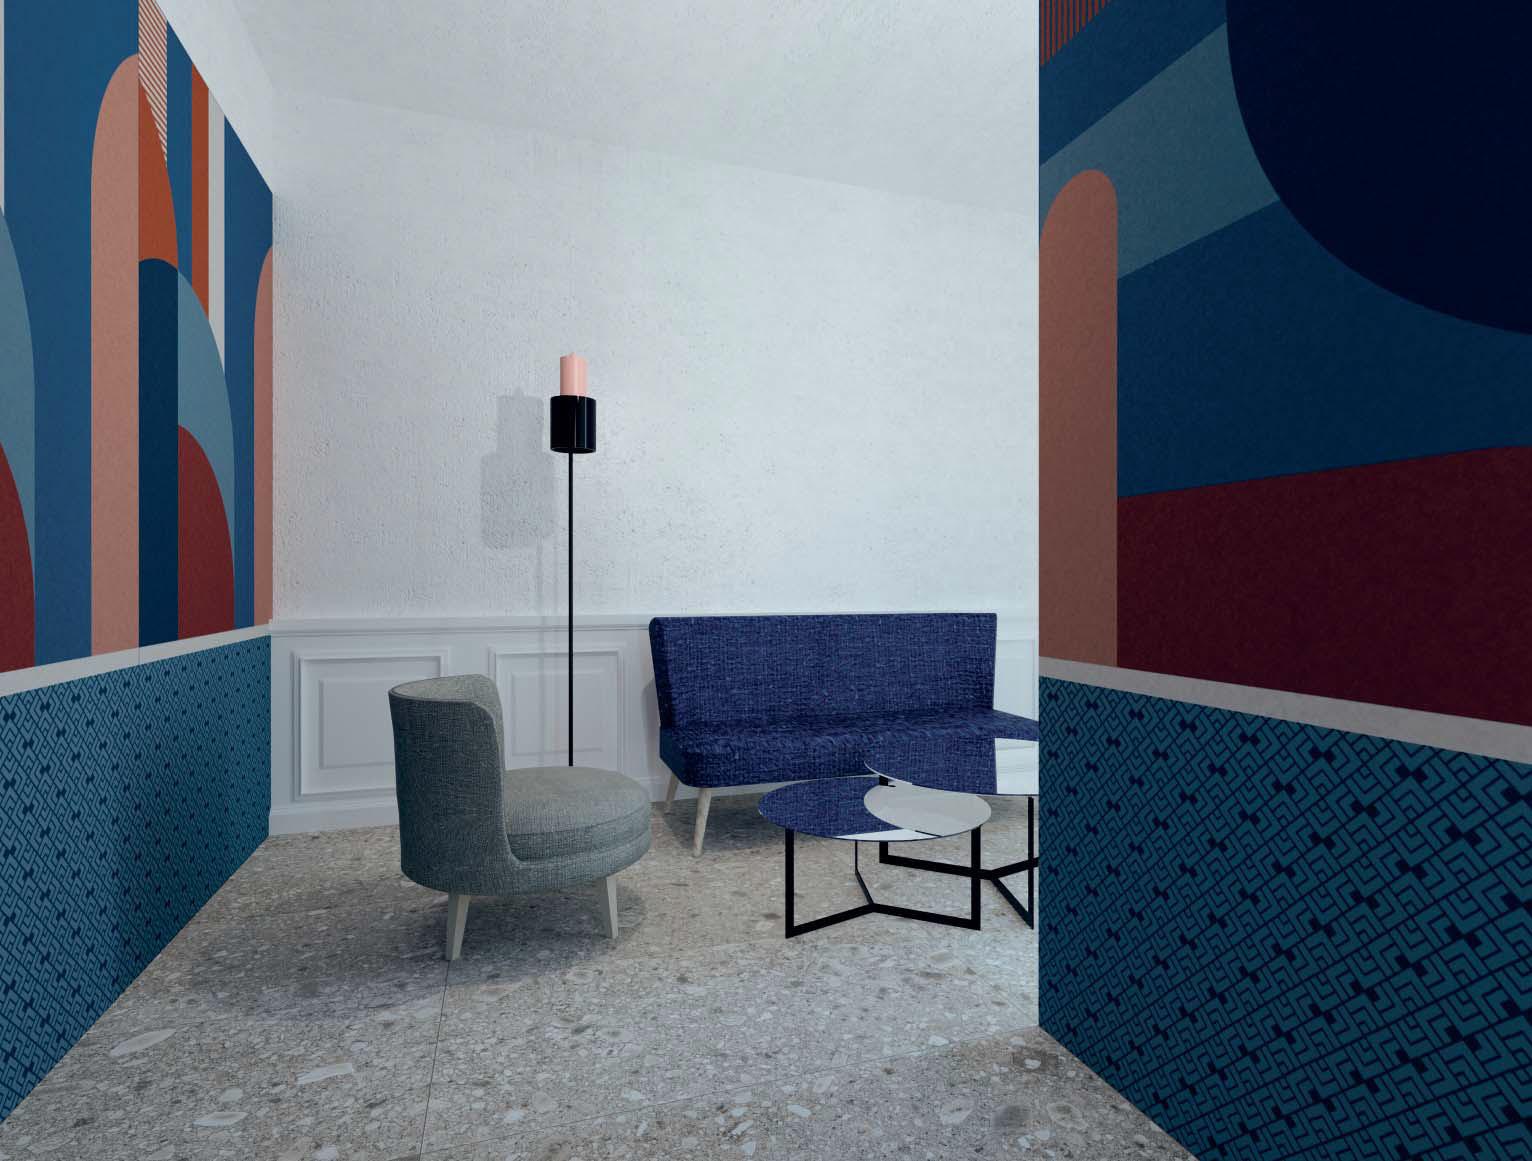 15 новинок выставки Cersaie — керамика как искусство (галерея 1, фото 1)